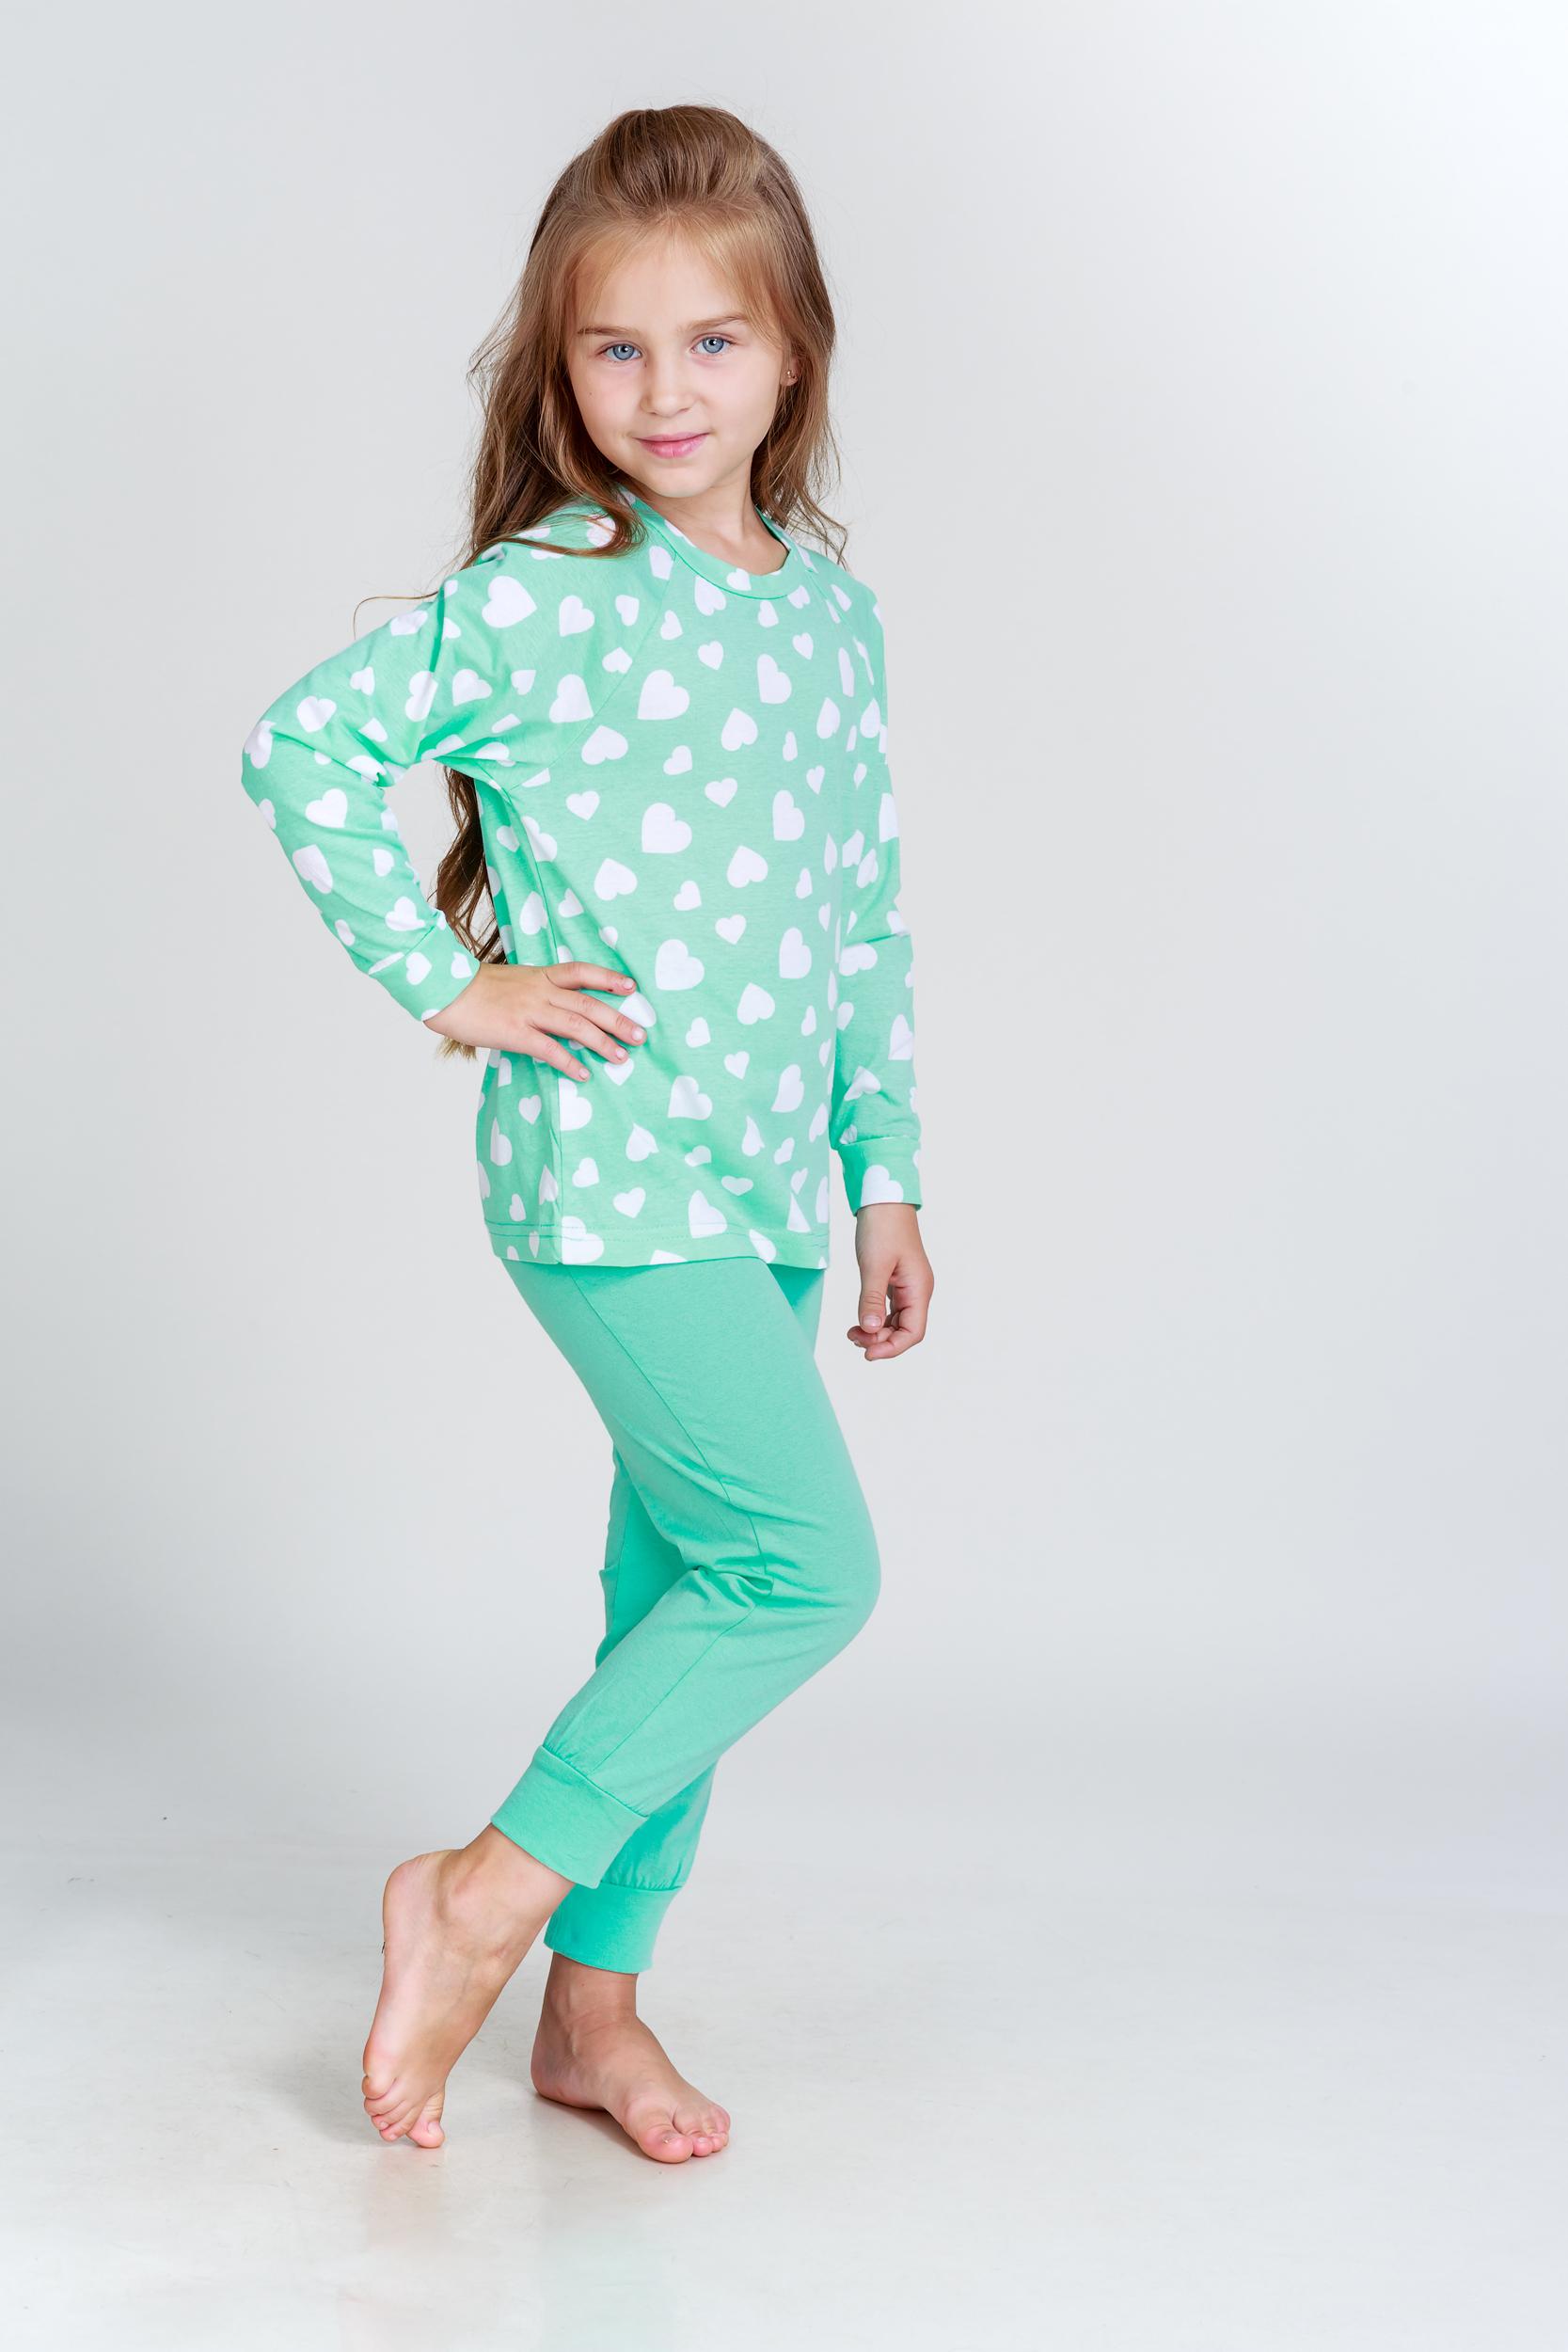 Детские пижамы Pastilla Детская пижама Стелла Цвет: Ментоловый (7-8 лет) детские пижамы pastilla детская пижама радуга цвет розовый 6 лет